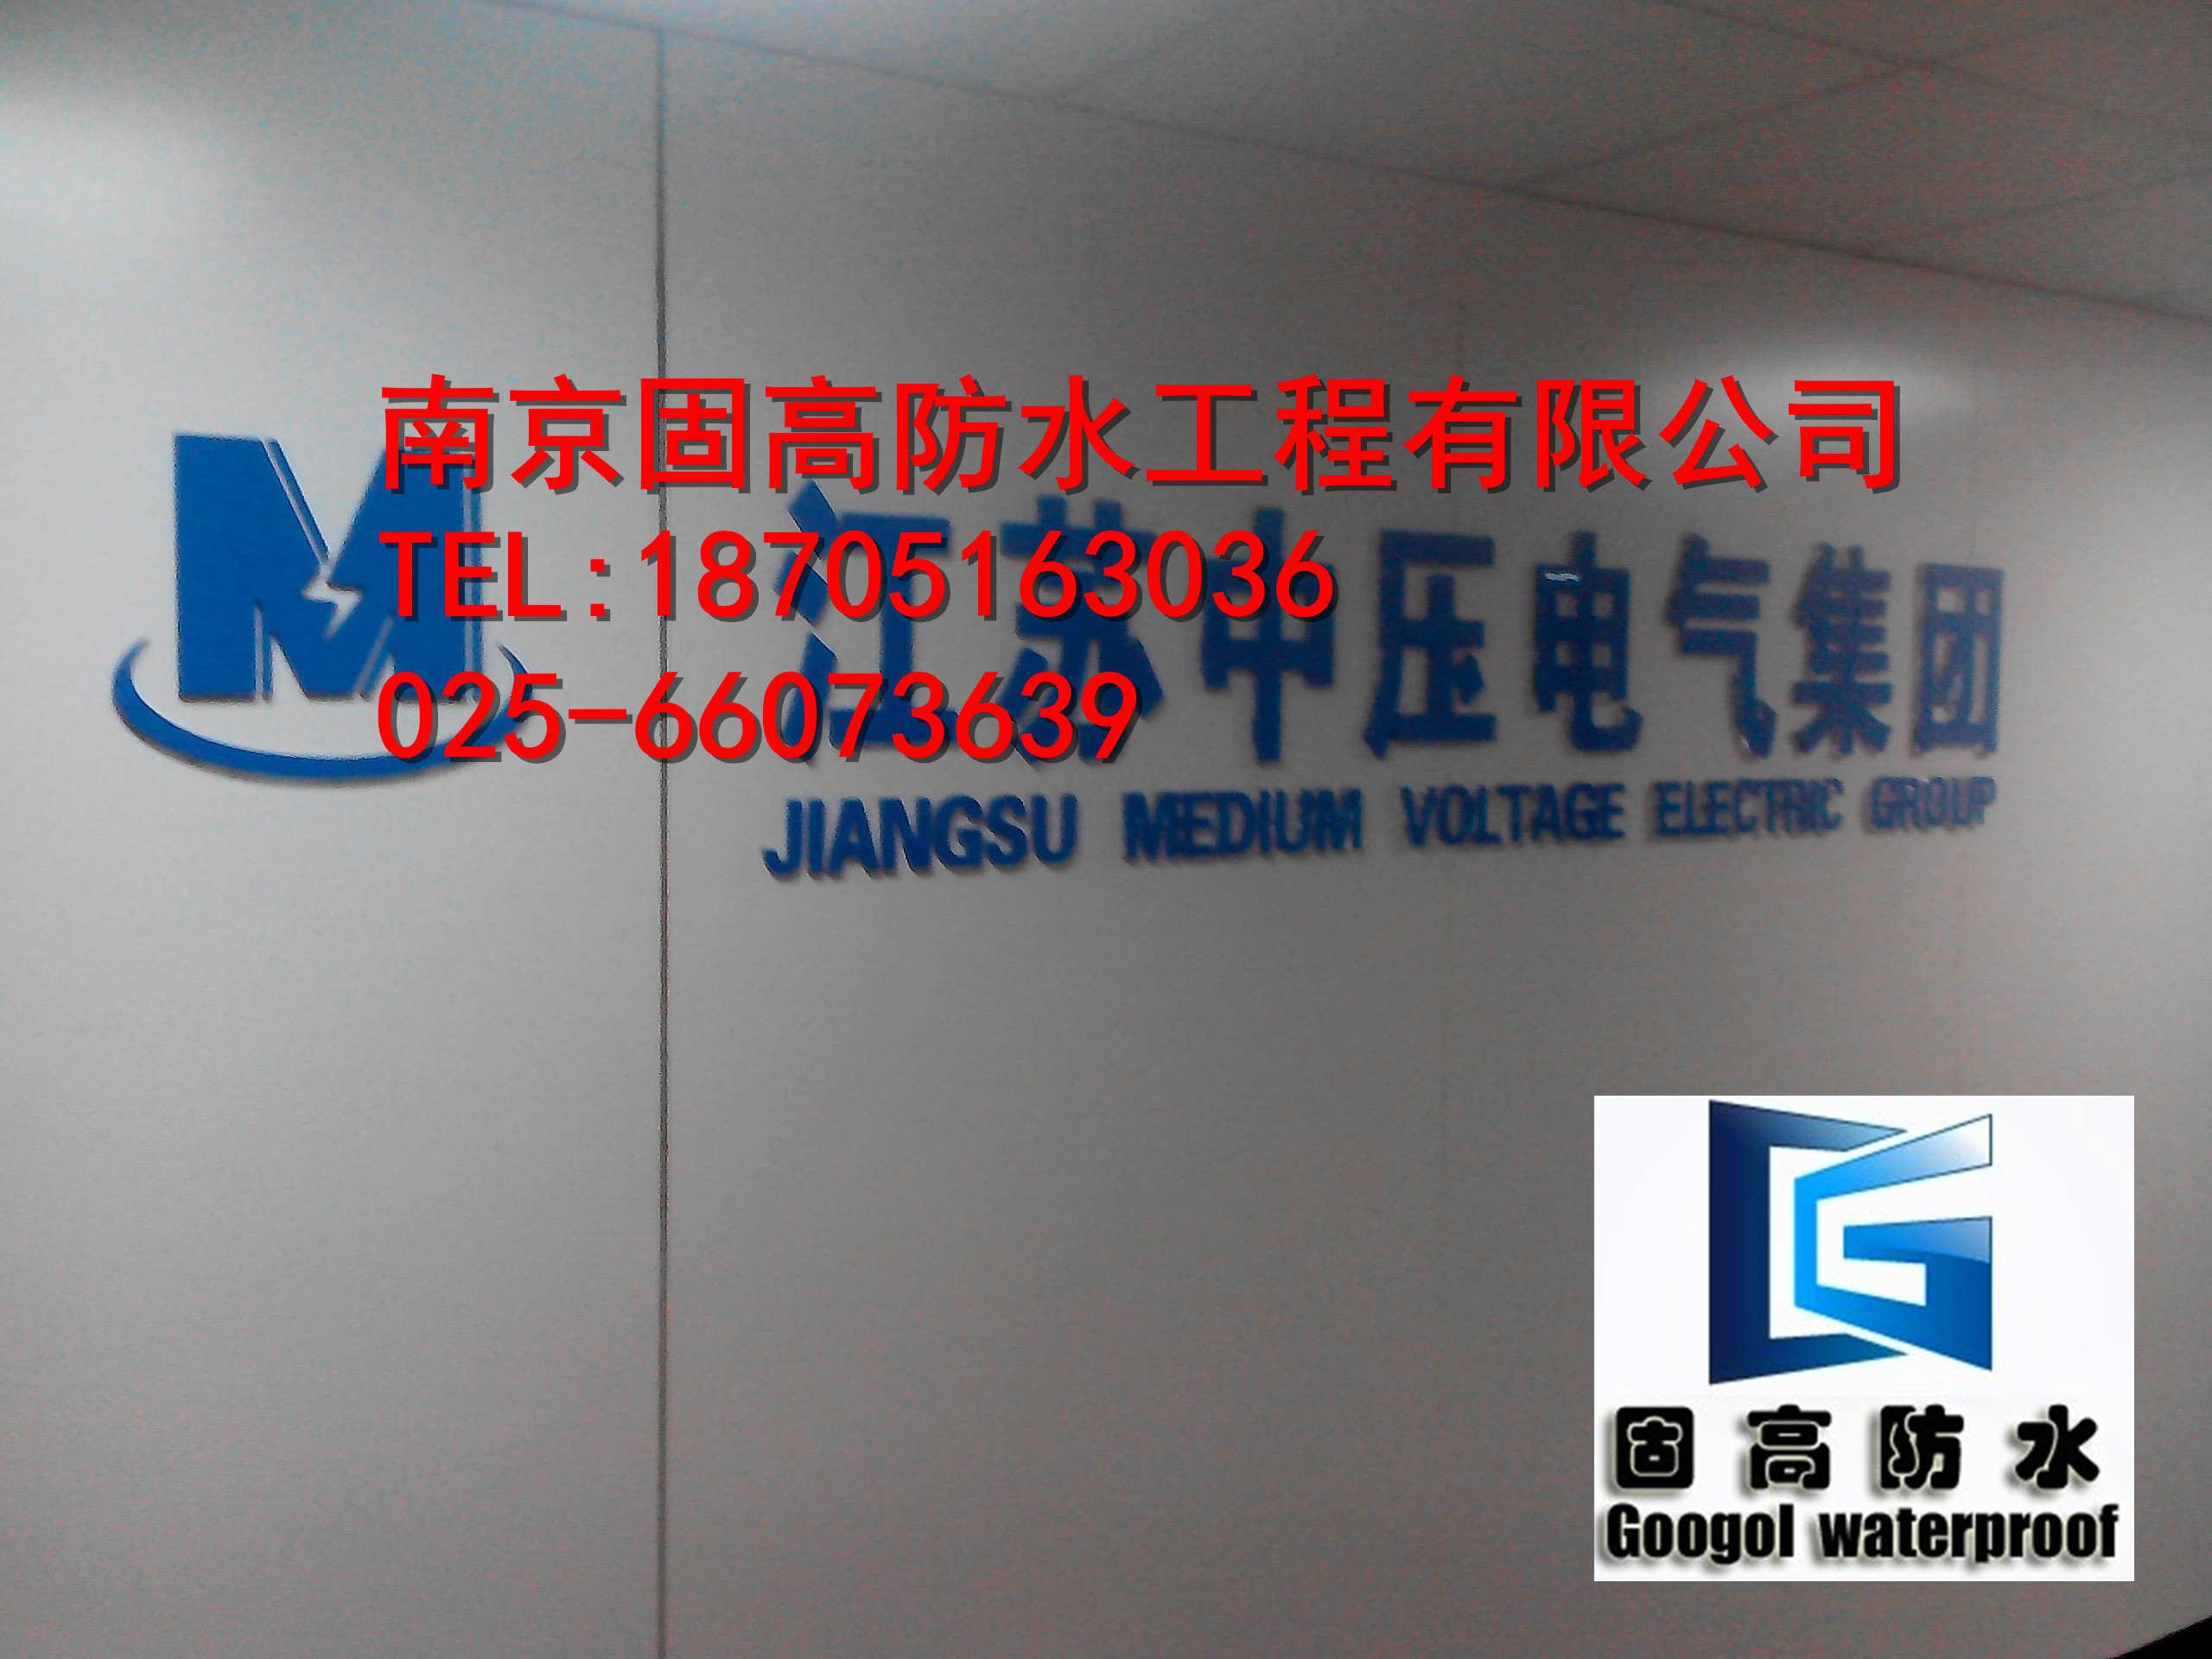 江苏中压电器集团厂区防水-3f79c9b988ee153a05c93f9a6ccadc85_20160330222886058605